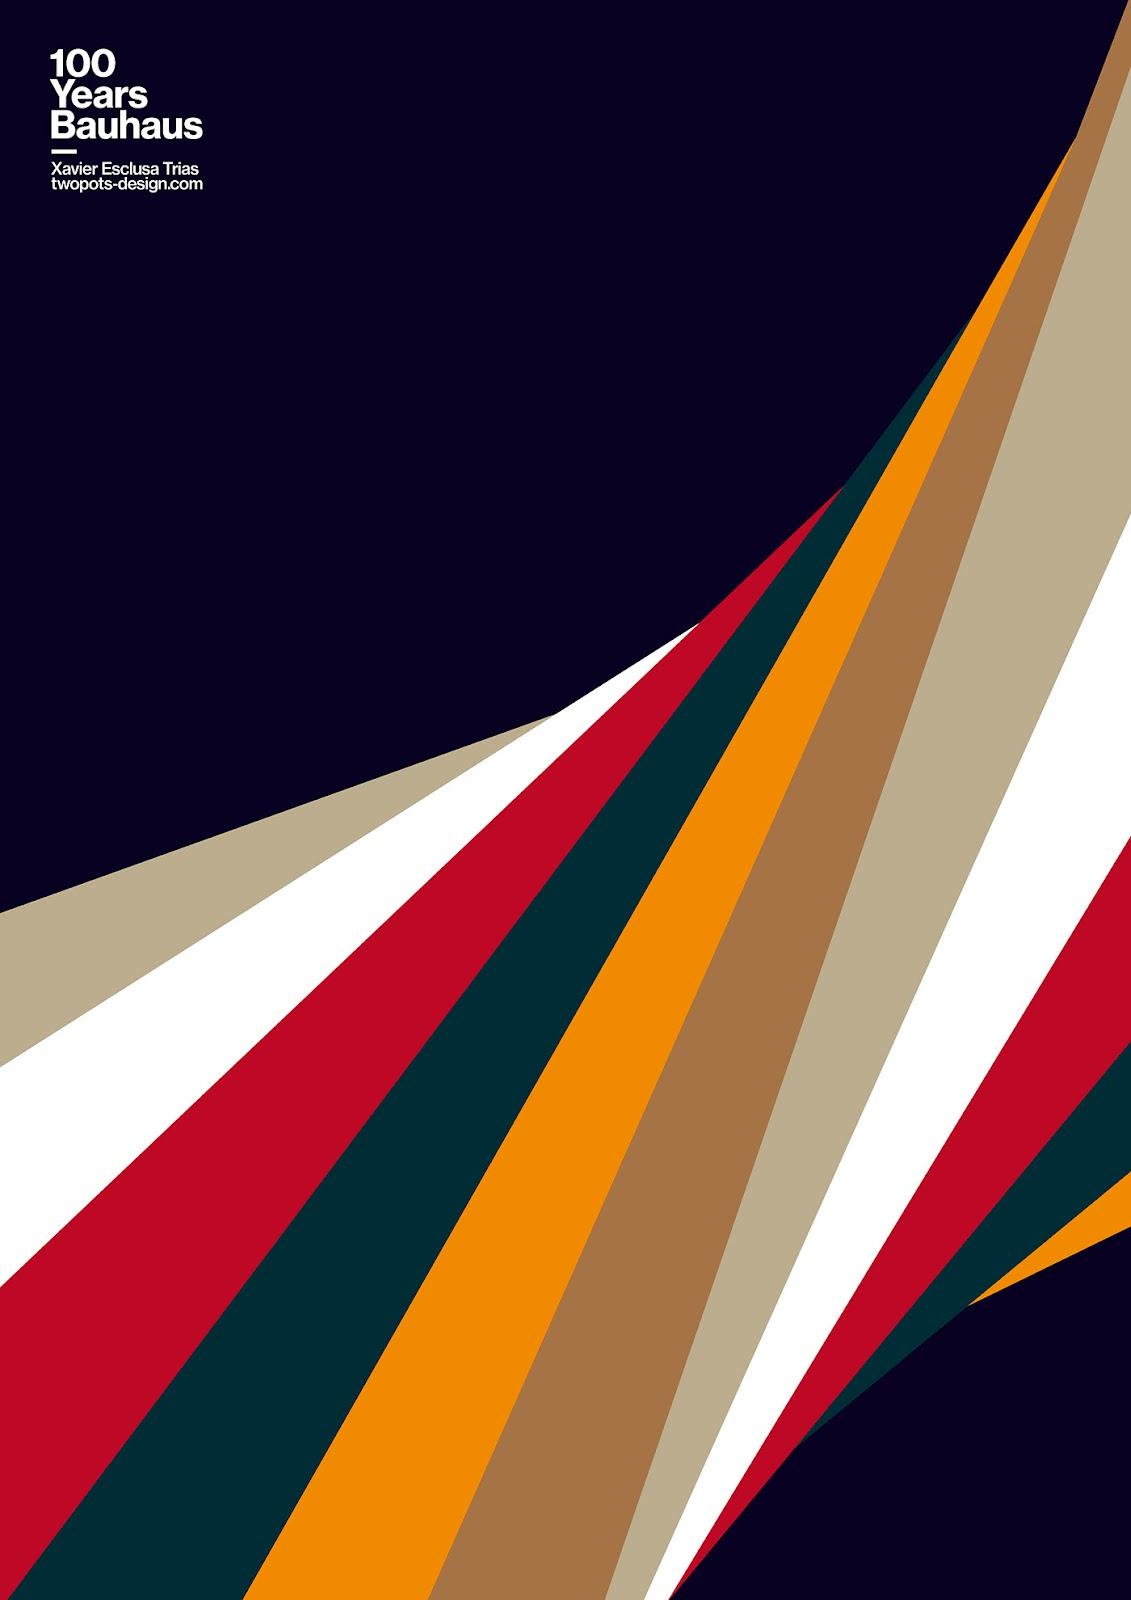 Bauhaus Poster Exhibition Bauhaus wall art Bauhaus Bauhaus Poster German style of architecture Walter Gropius bauhaus exhibition poster